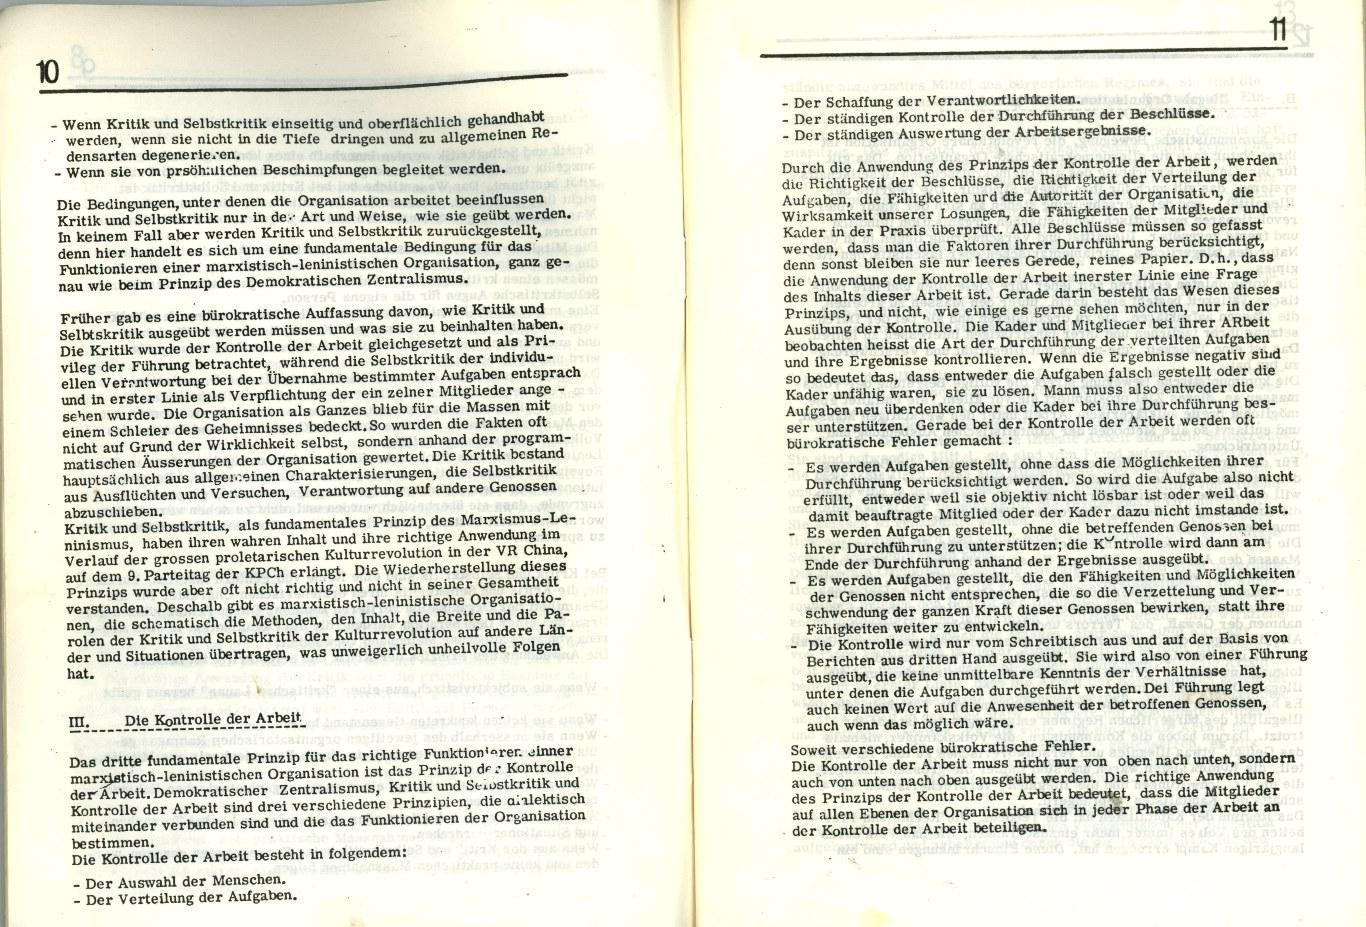 Griechenland_Griechische_ML_1971_Dokumente_01_06